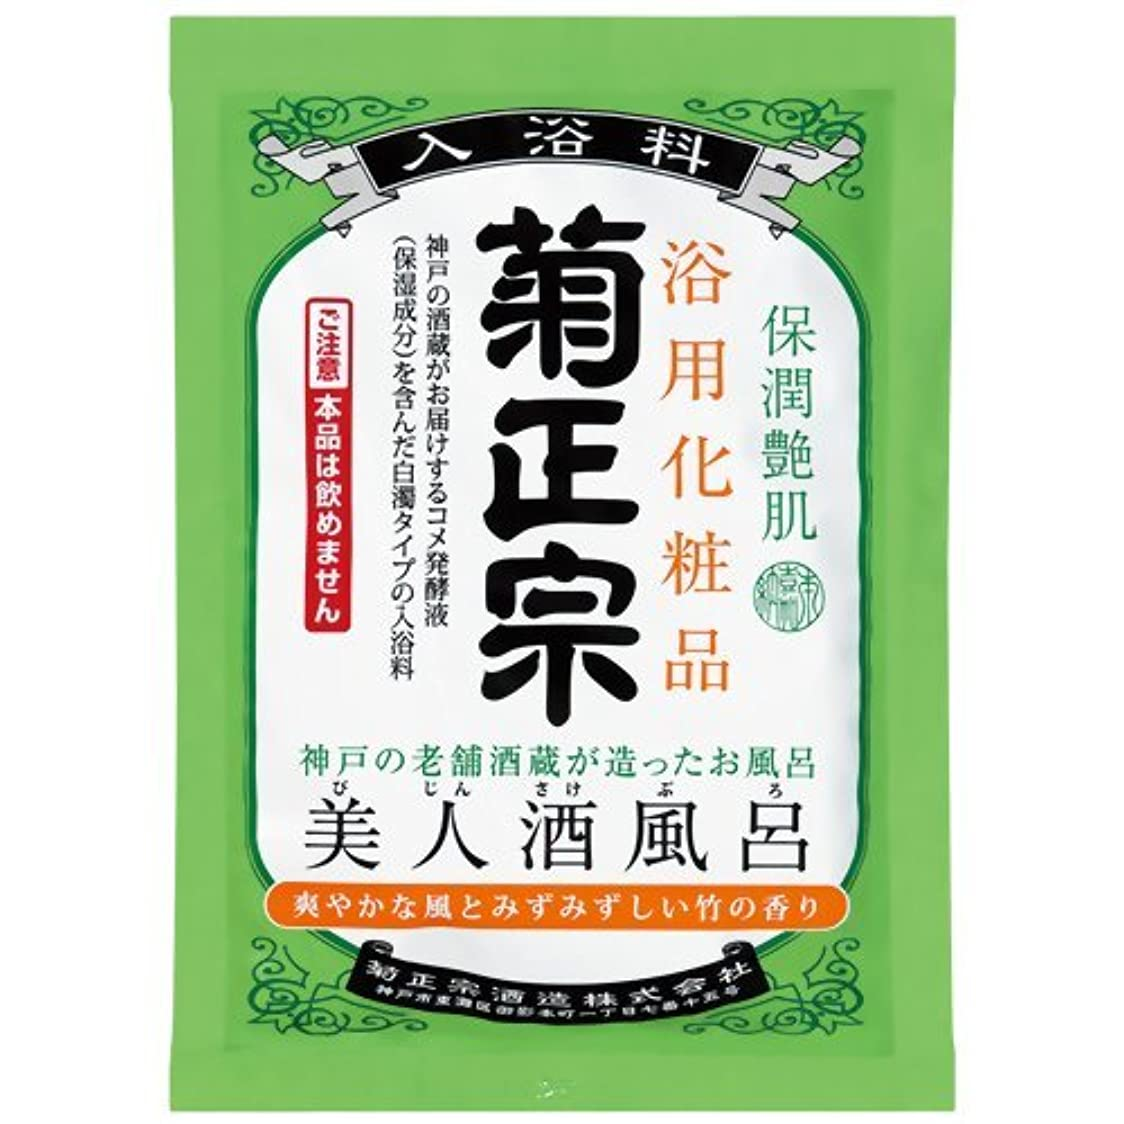 巡礼者薬局まもなく菊正宗 美人酒風呂 爽やかな風とみずみずしい竹の香り